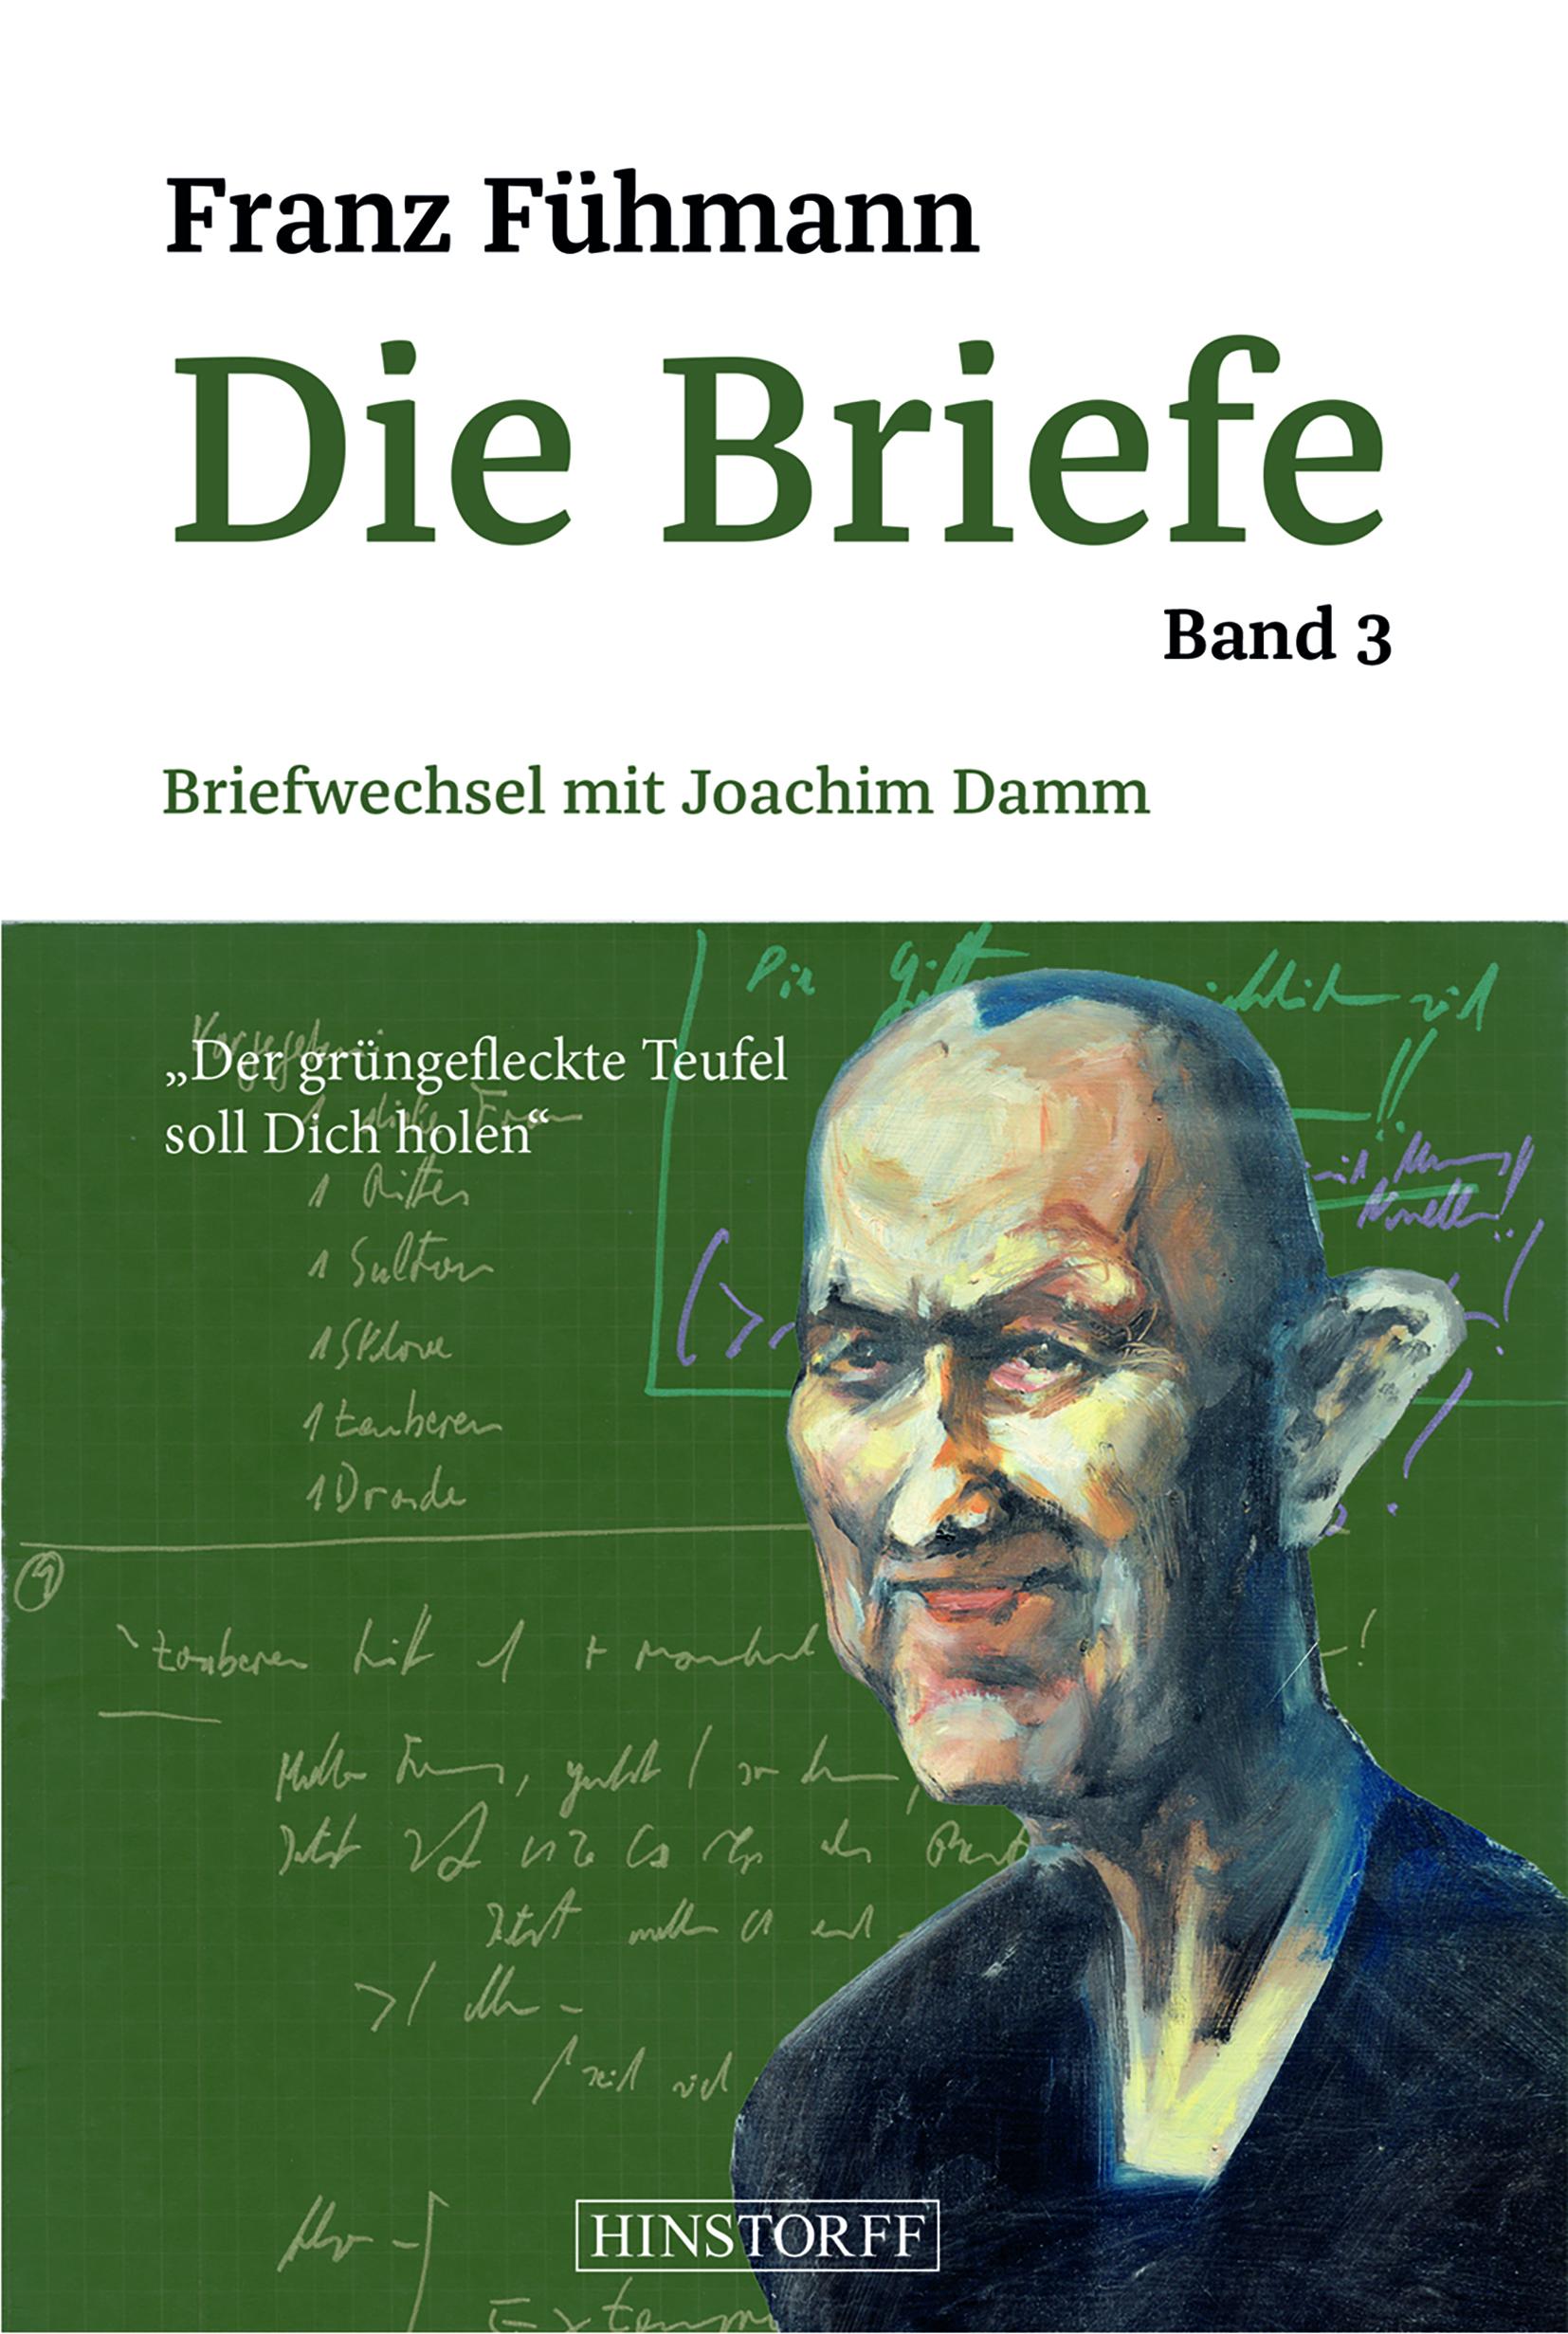 Die Briefe – Band 3. Briefwechsel mit Joachim Damm